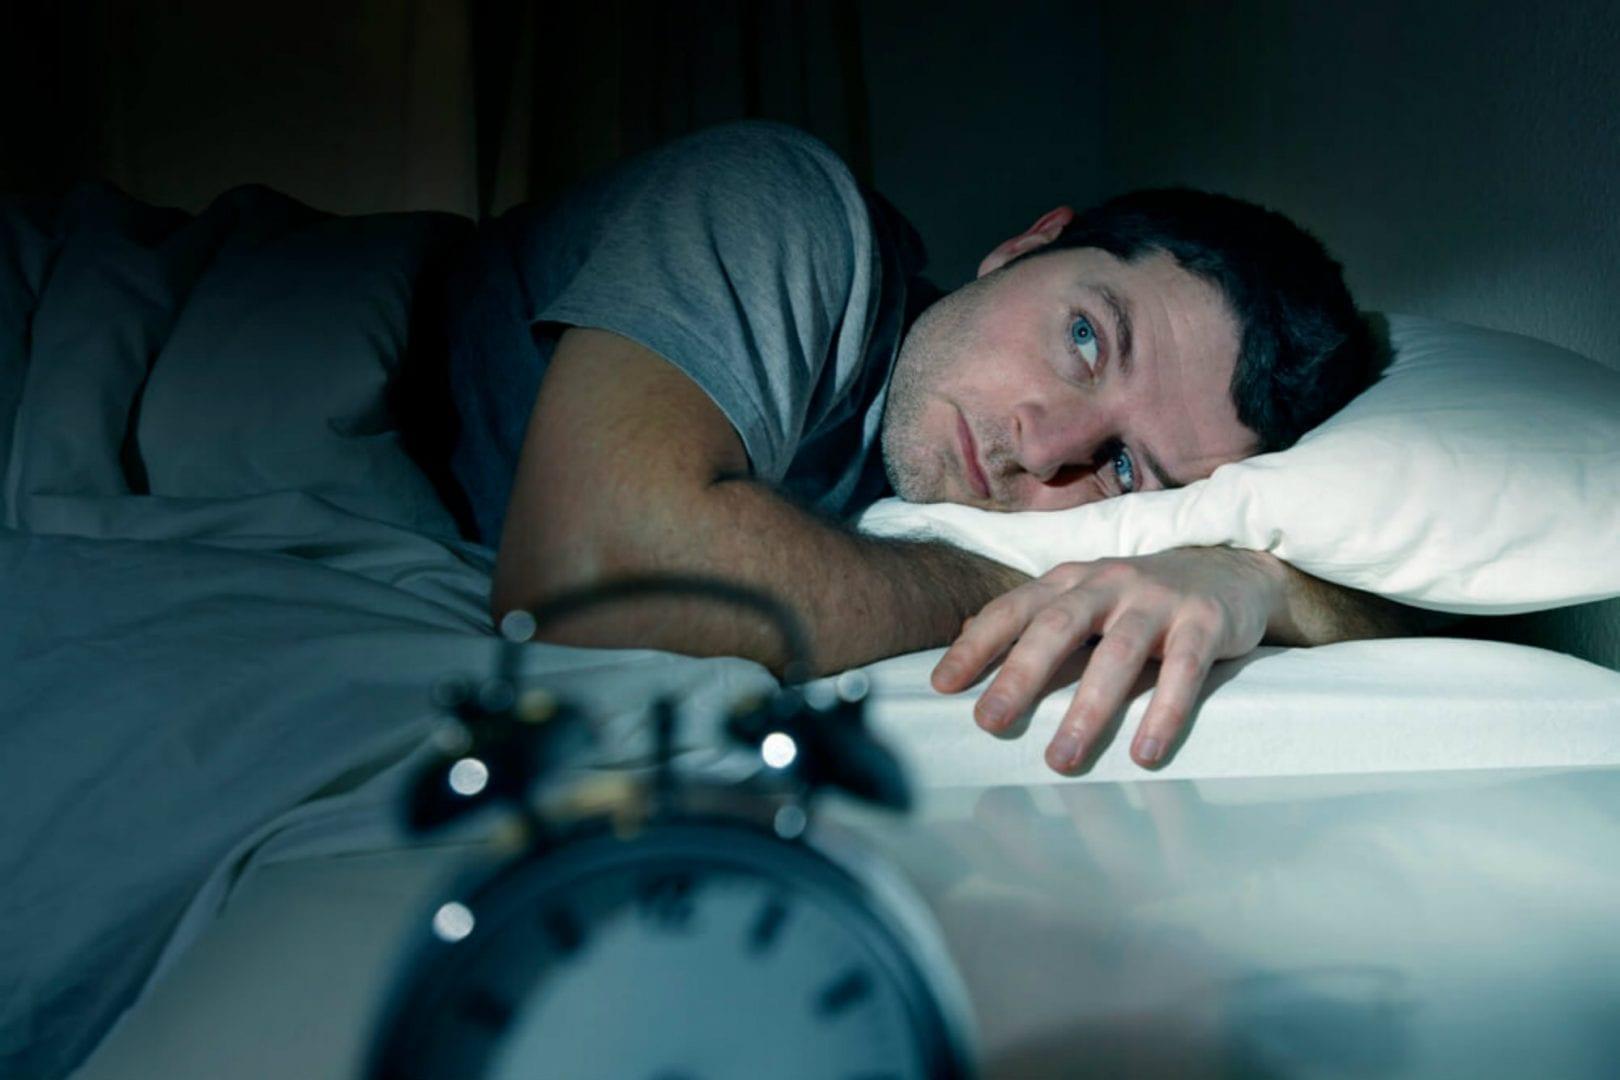 Fotografia de uma pessoa acordada no escuro para ilustração do item